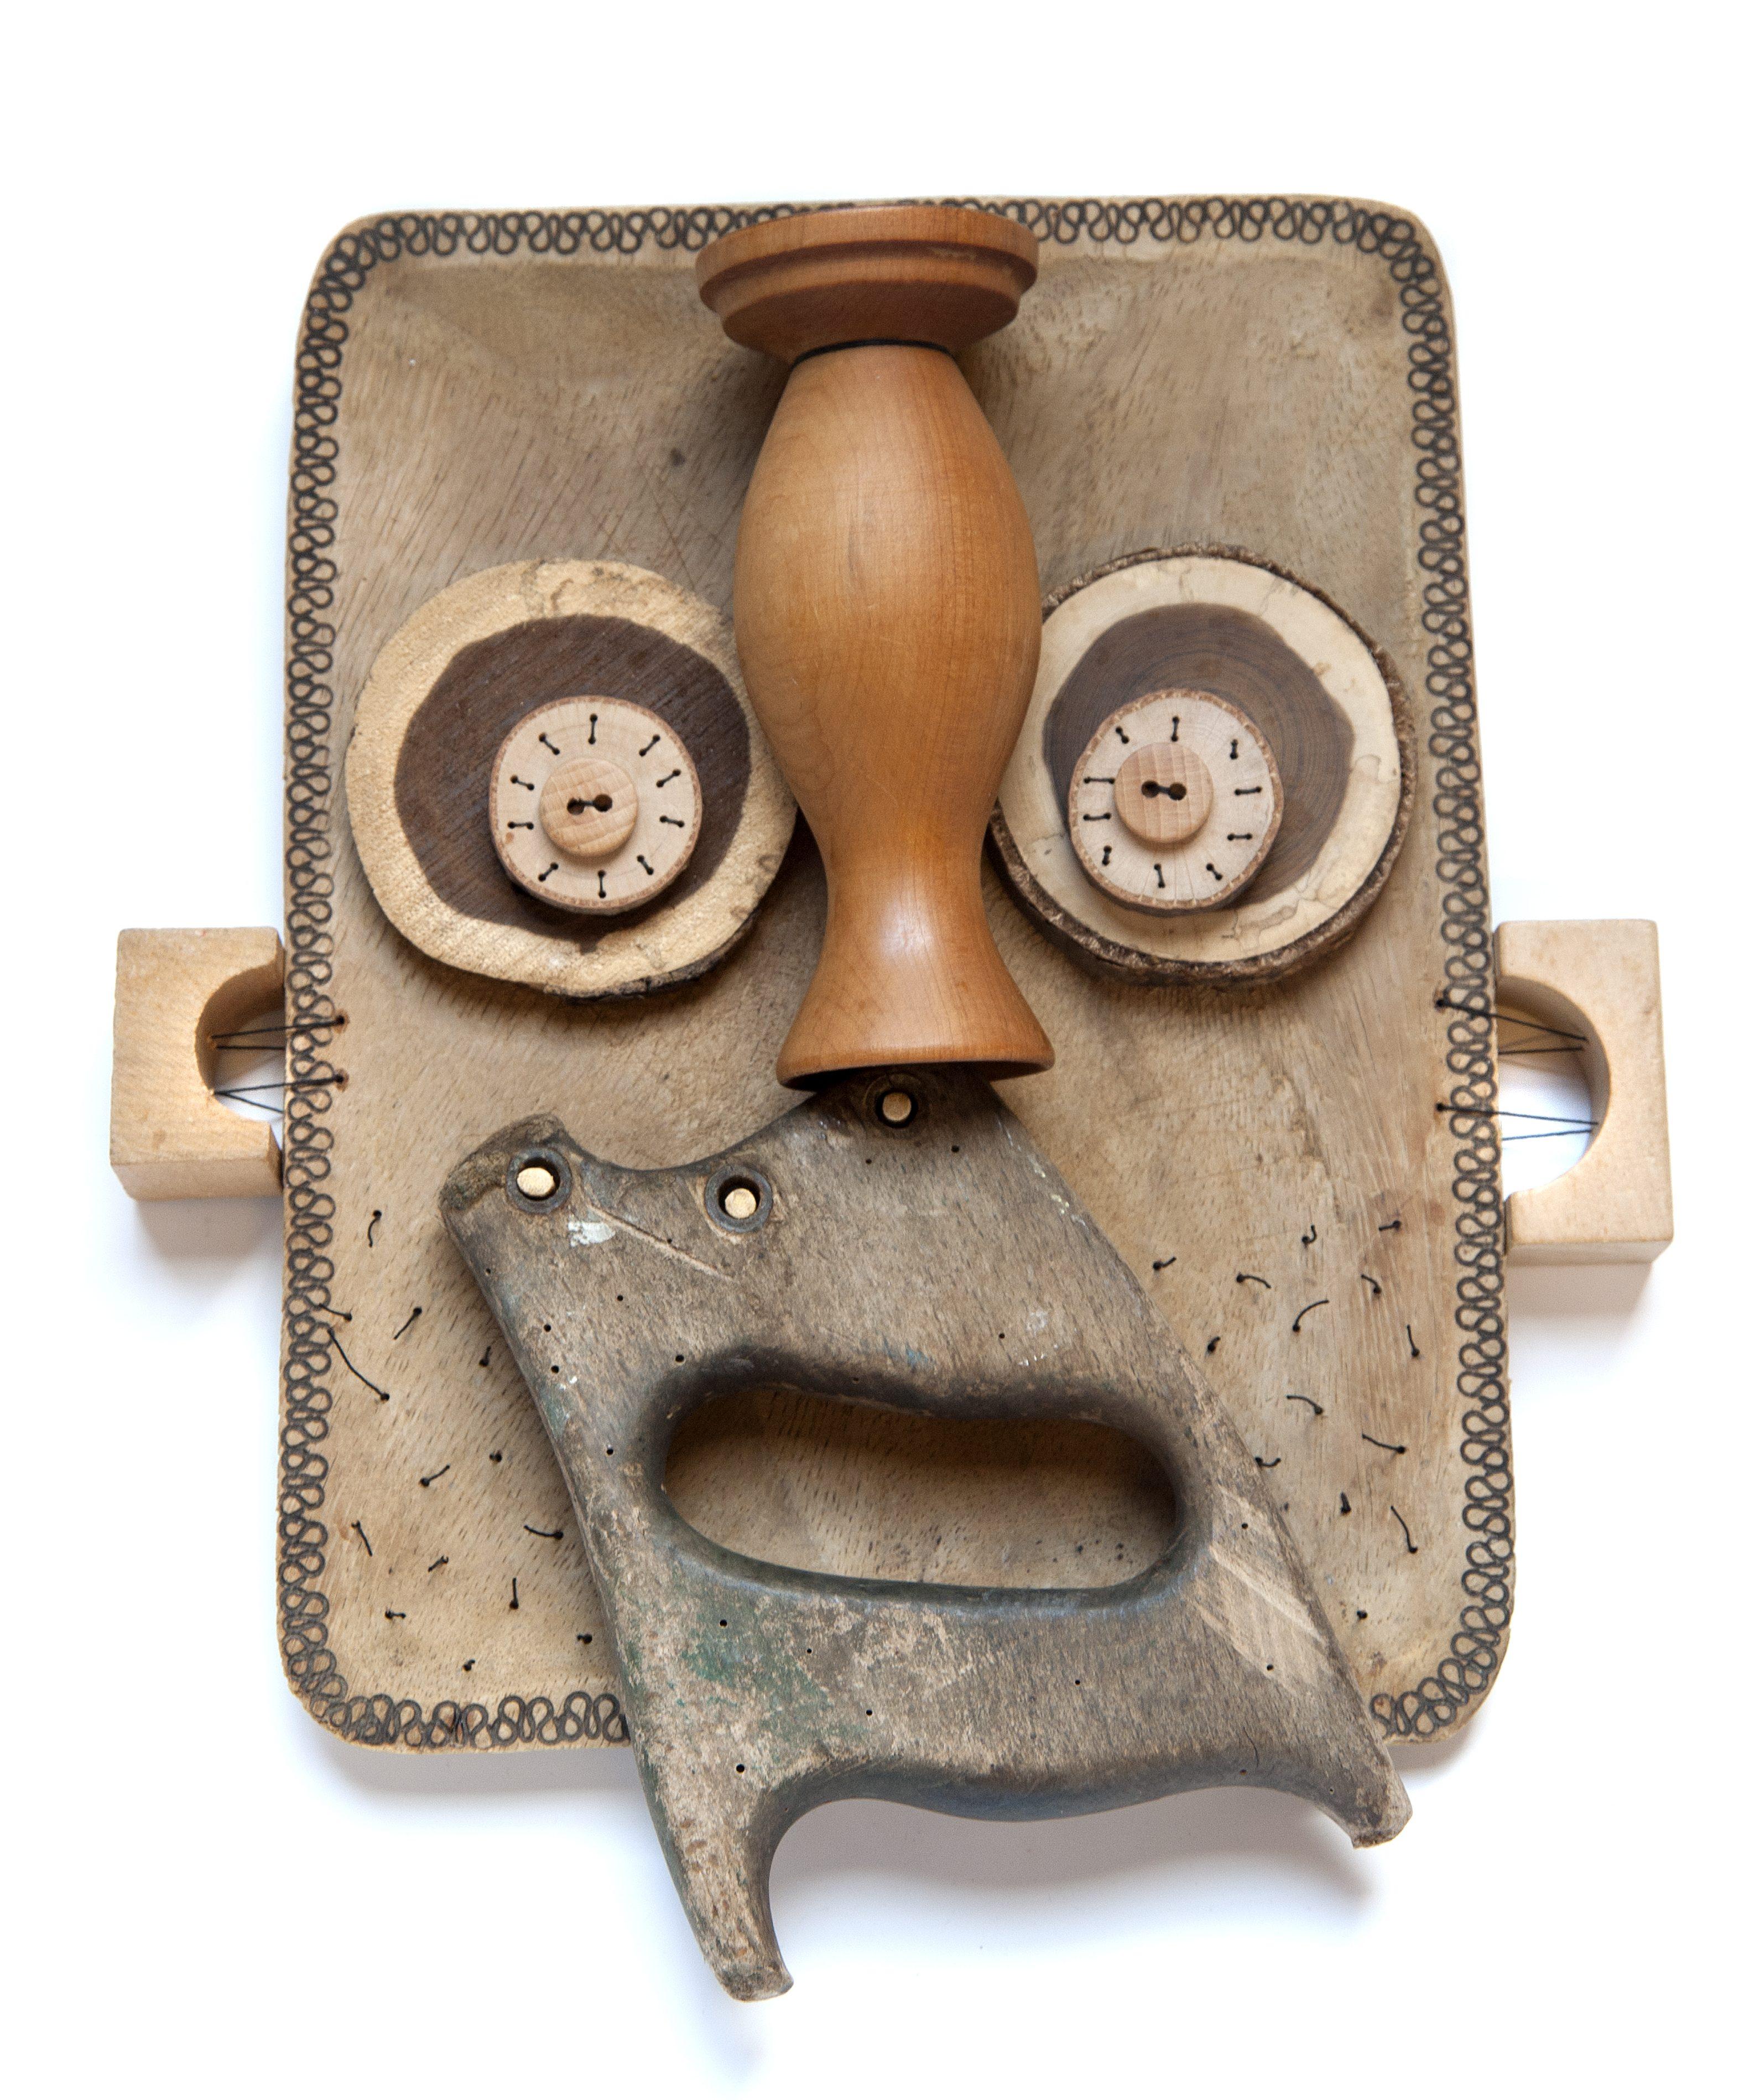 Annemiek Steenhuis, Mask SAW, 2020. Foto Fjodor Buis, hout, textiel